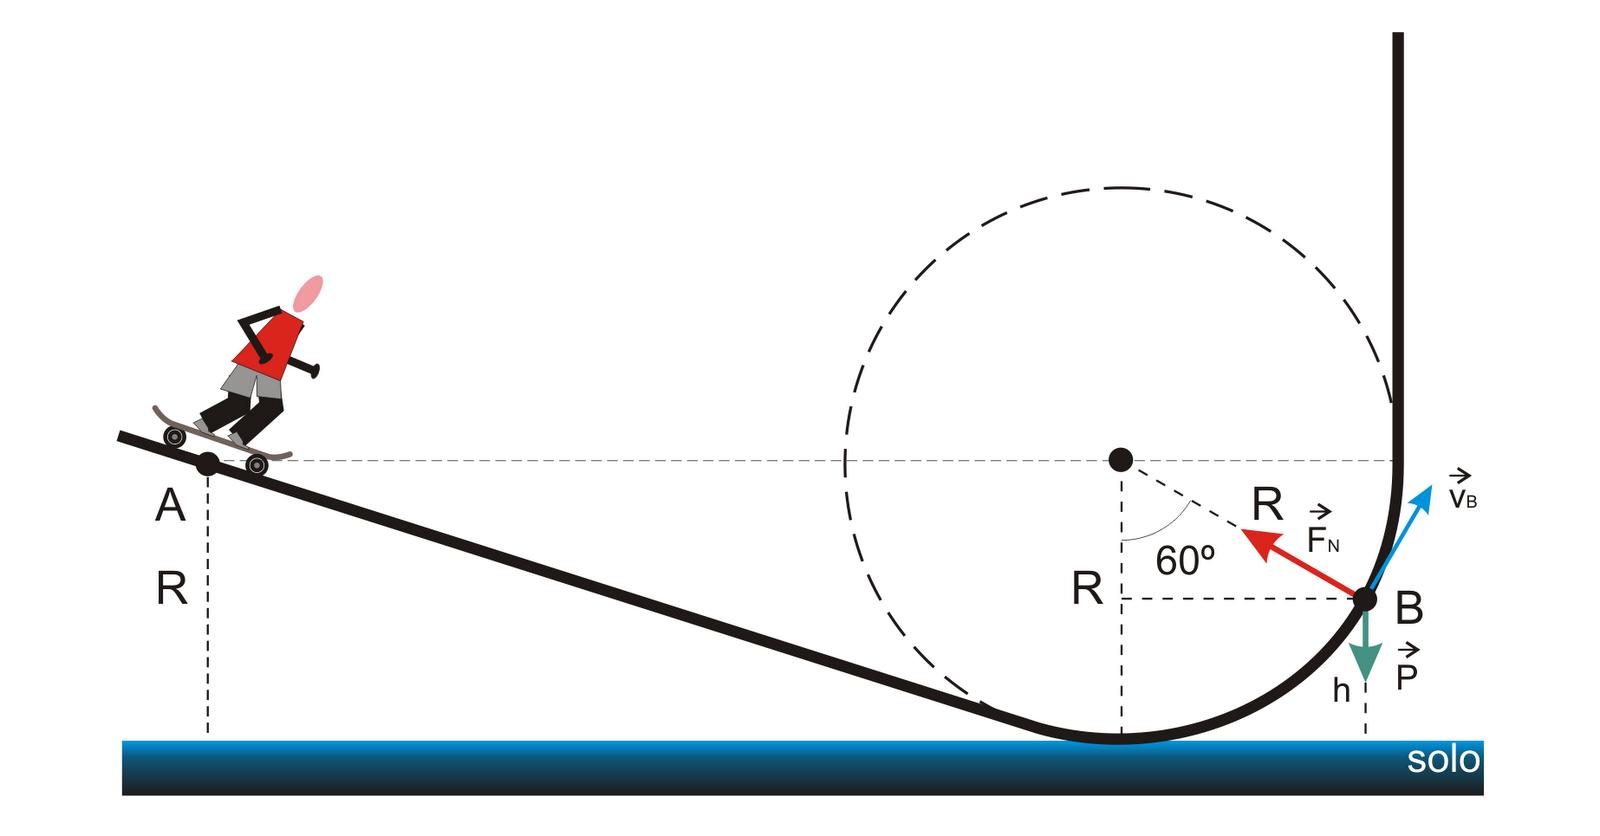 Os Fundamentos da Física  Desafio de Mestre (Especial) - Resolução a7b4fac519